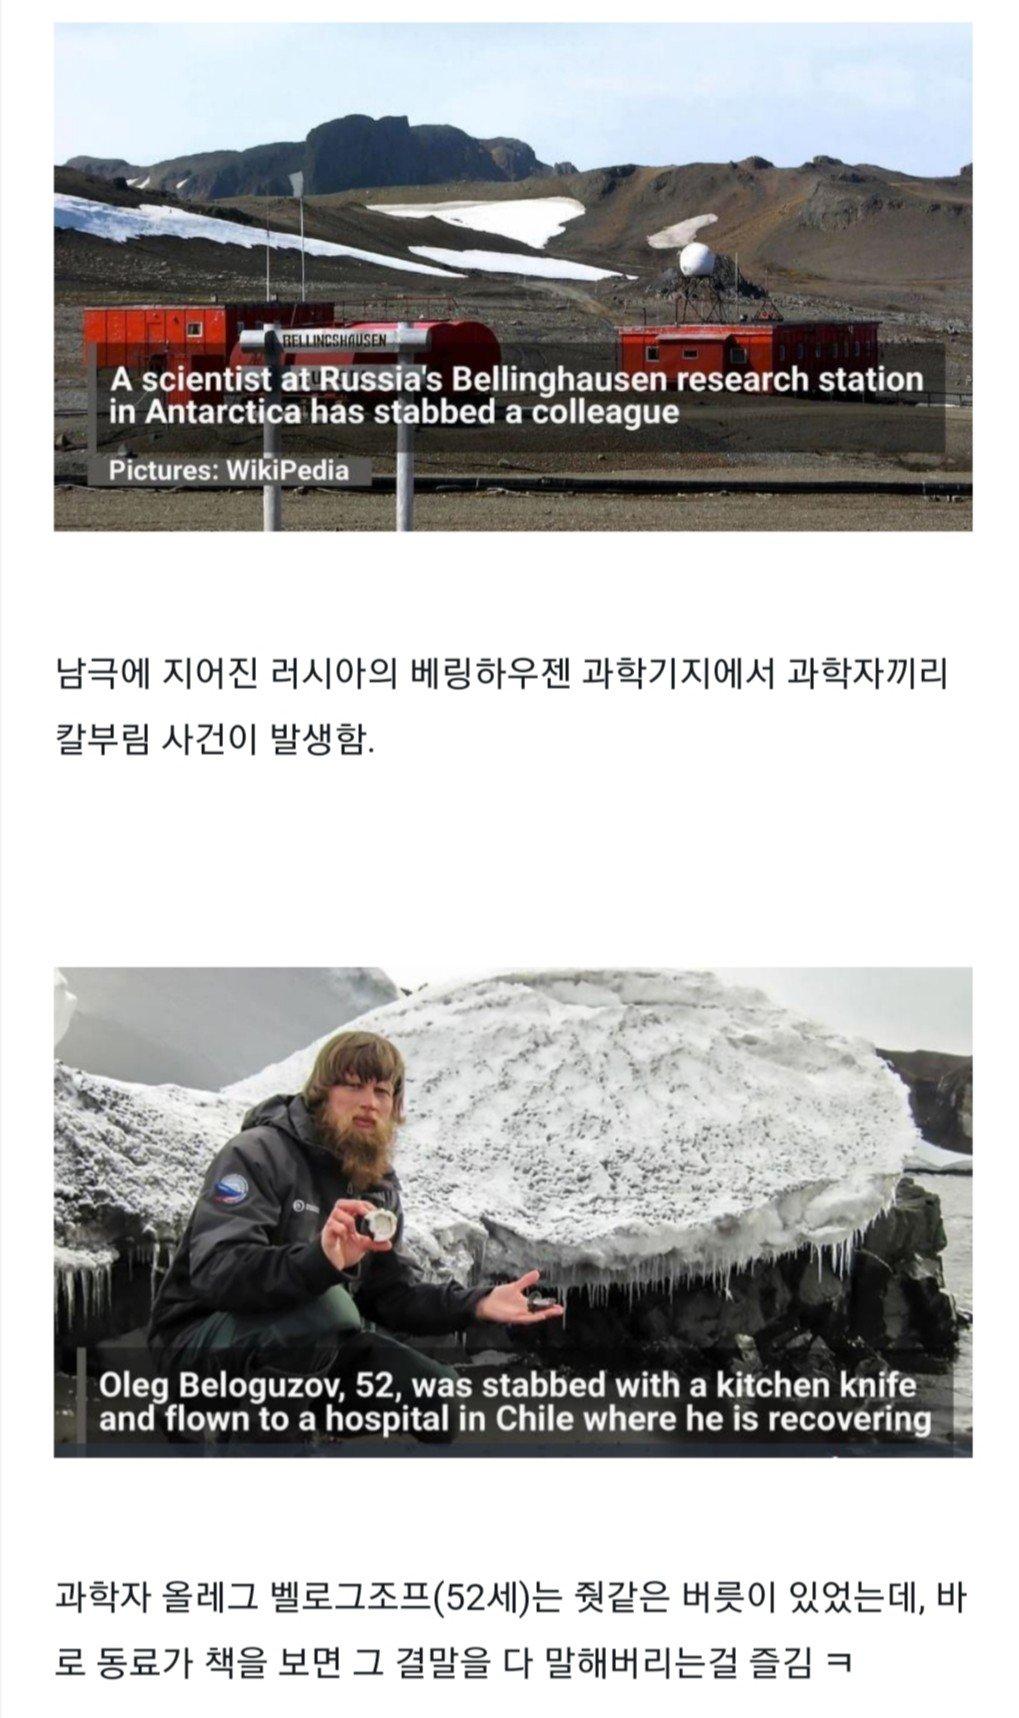 20181031_222321.jpg 남극에서 발생한 최초의 살인 미수 사건.jpg